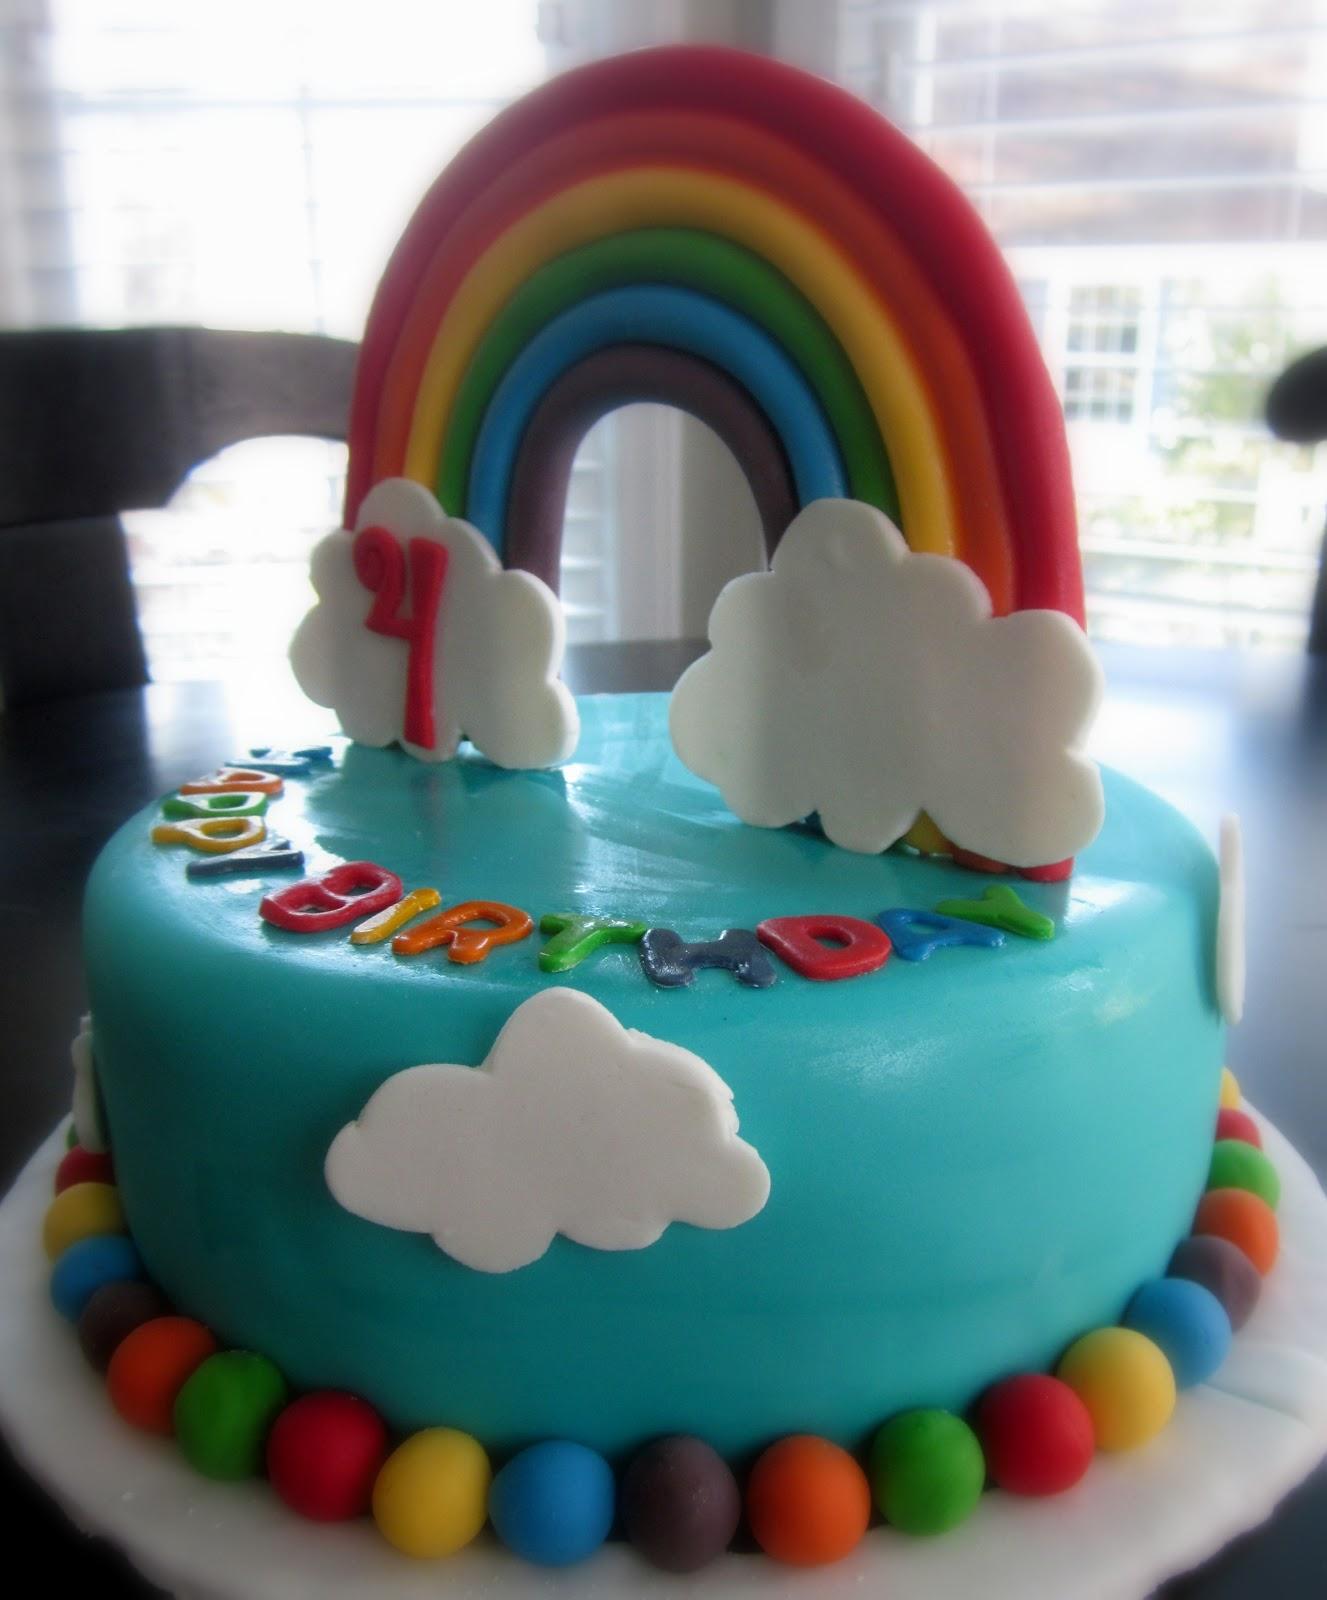 Darlin' Designs: Rainbow Birthday Cake